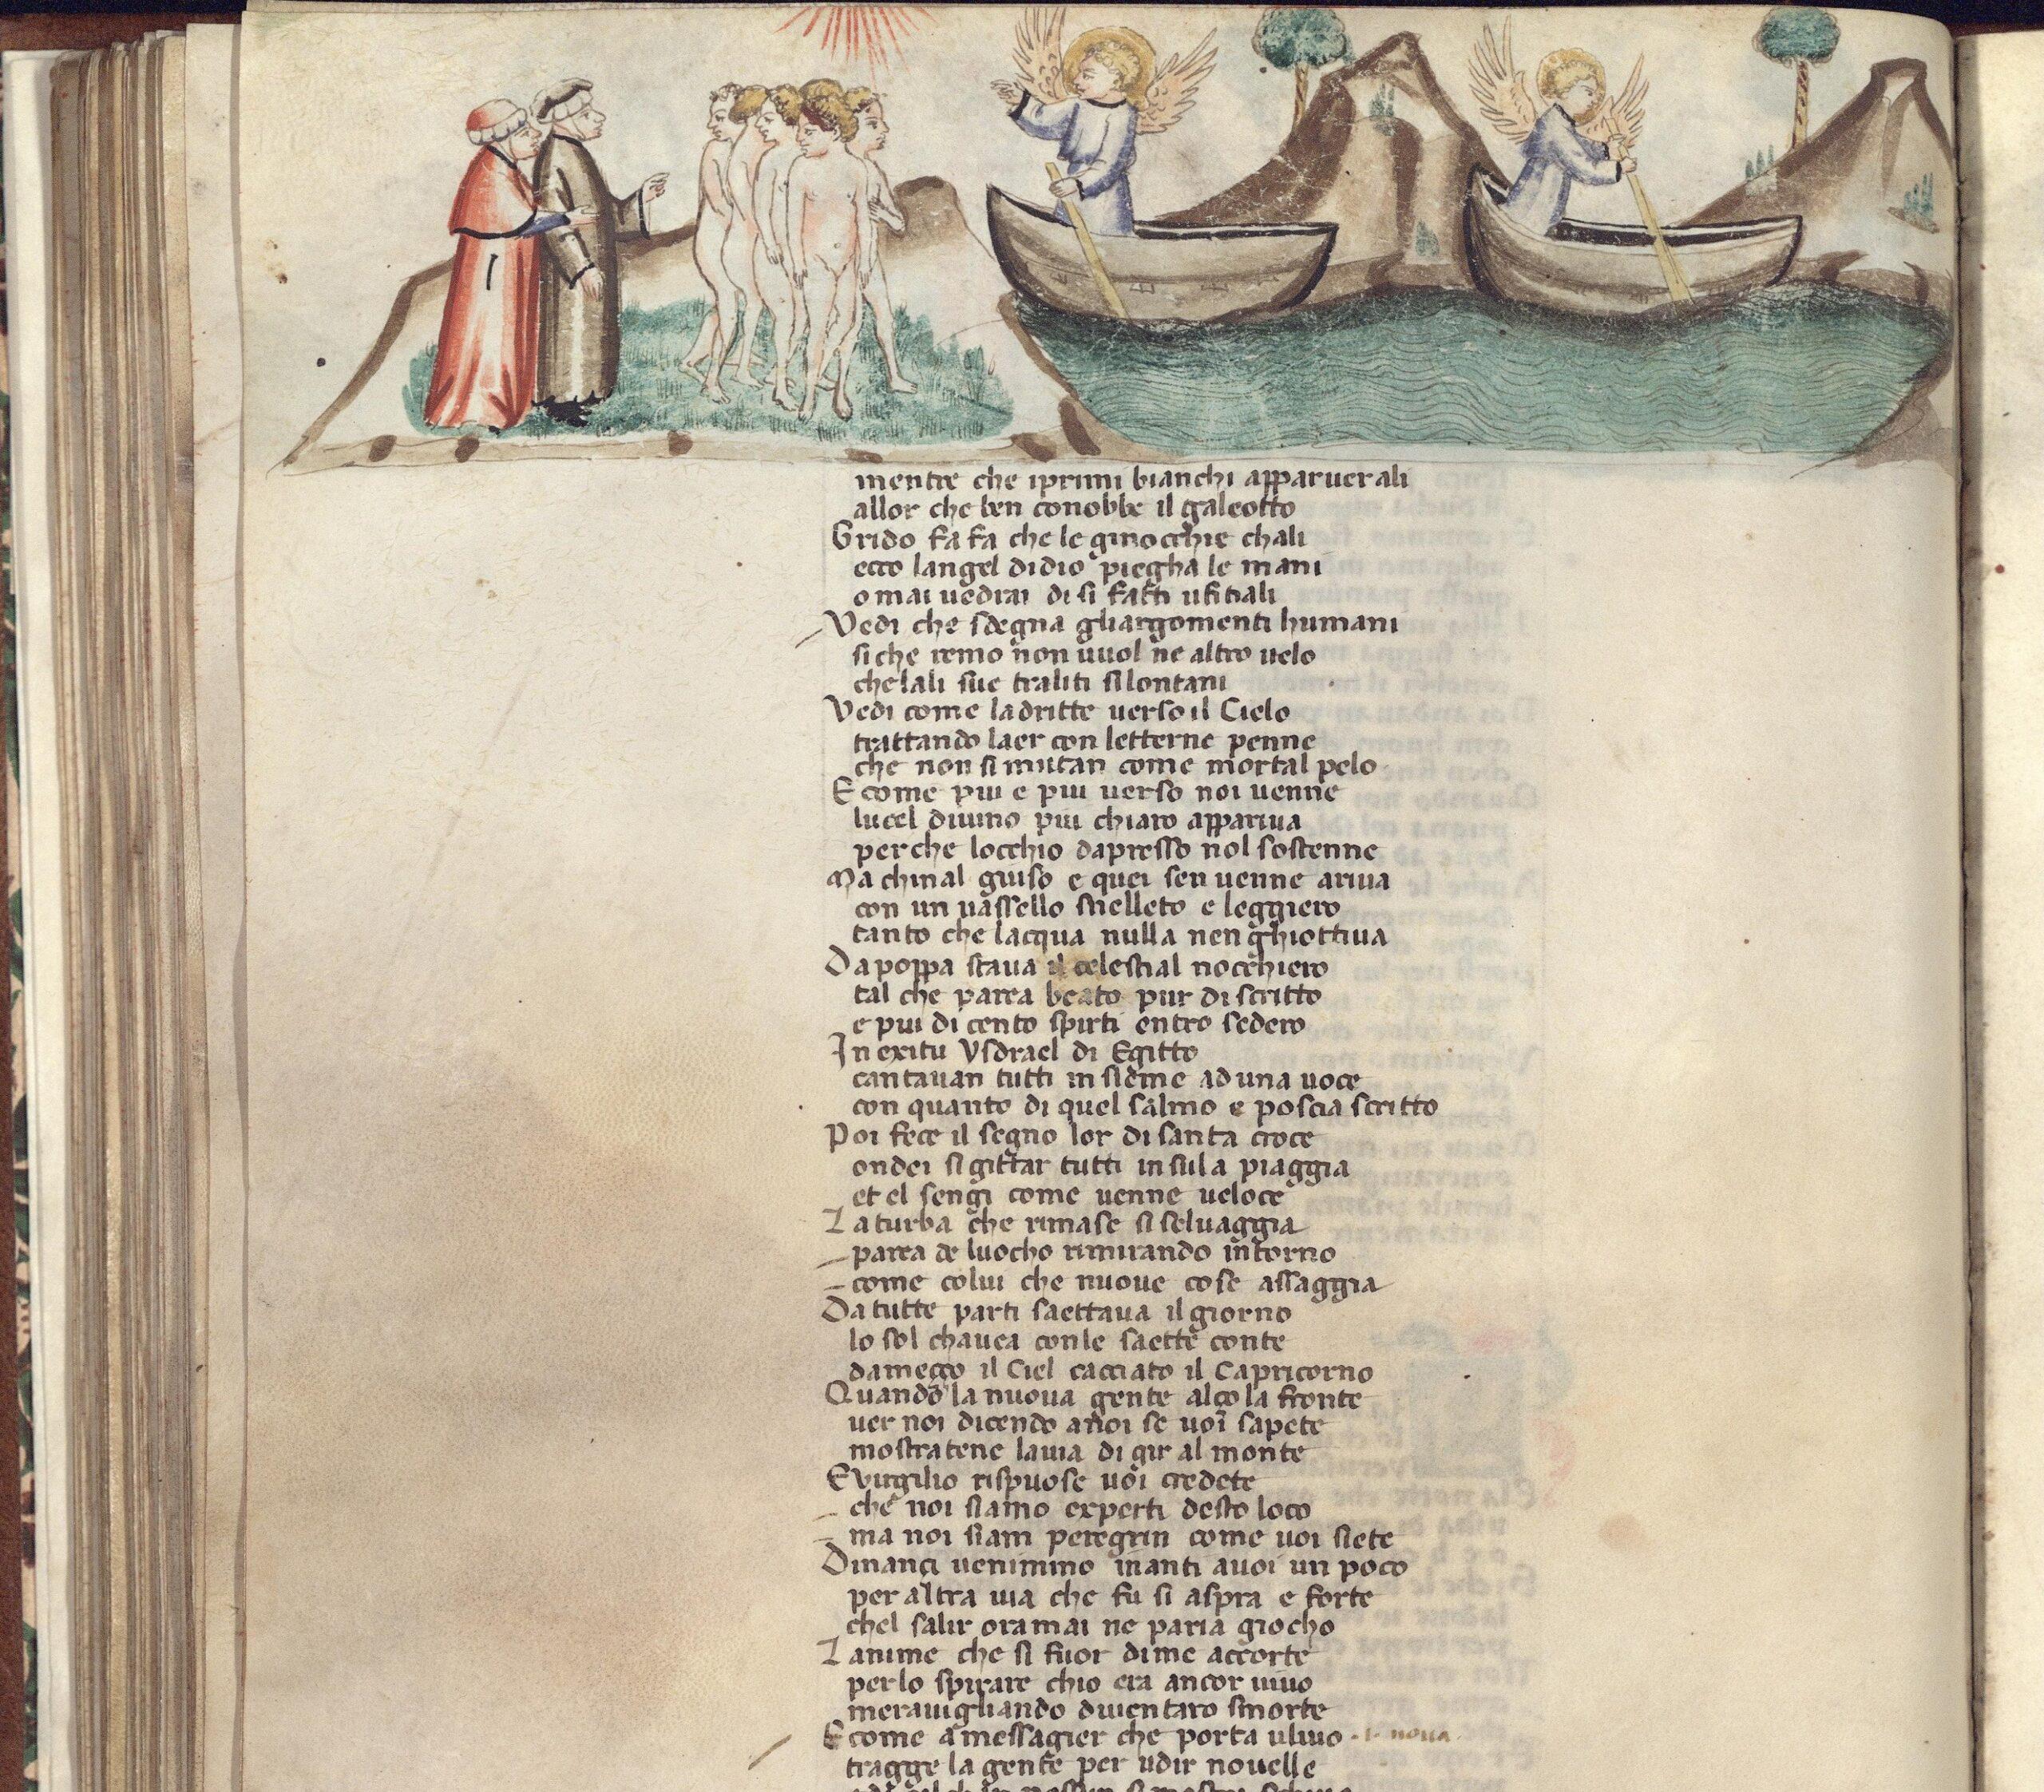 Apertura straordinaria Biblioteca Estense Universitaria con visita guidata alla mostra su Dante